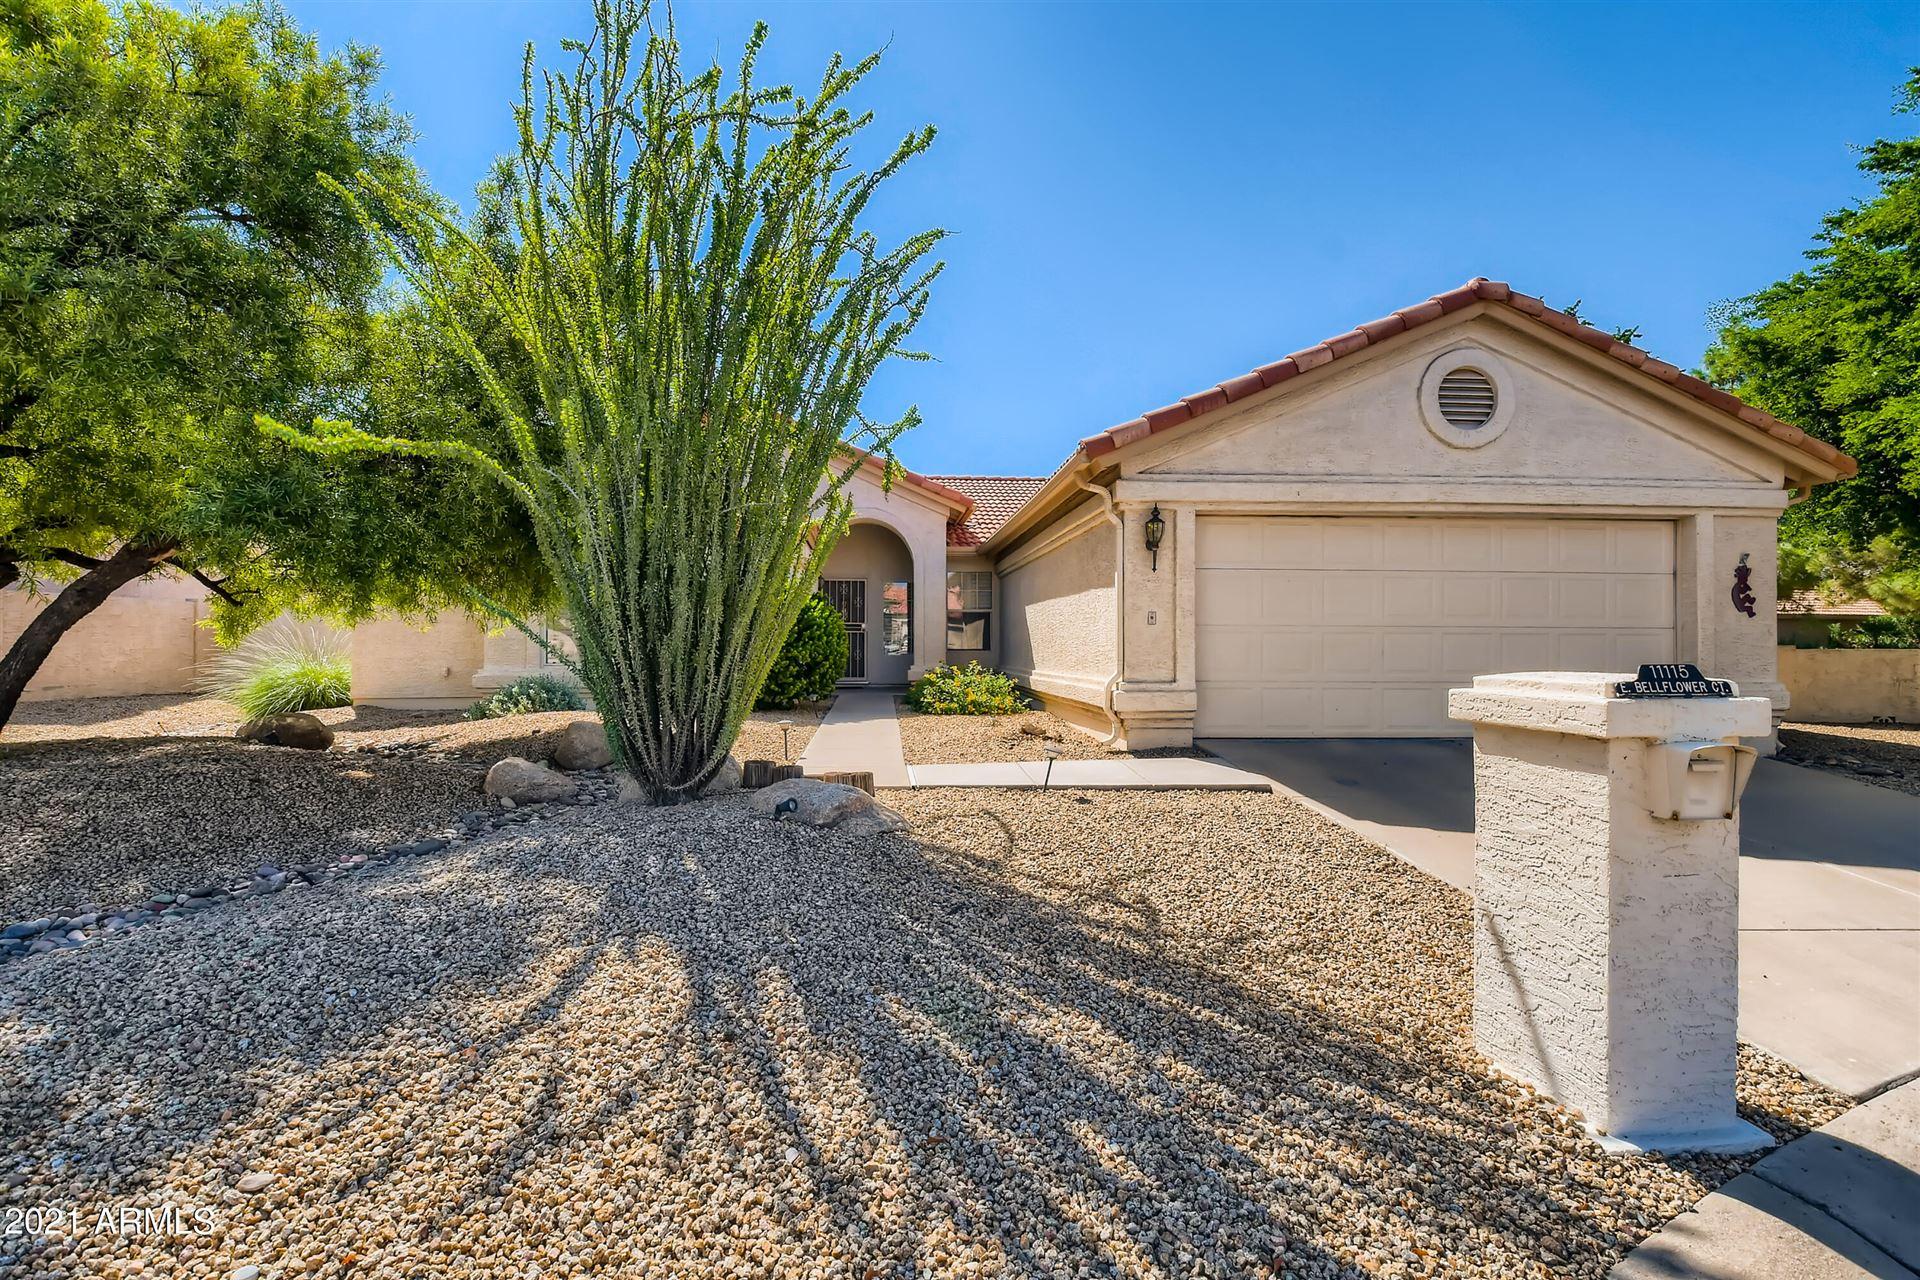 Photo of 11115 E BELLFLOWER Court, Sun Lakes, AZ 85248 (MLS # 6302709)